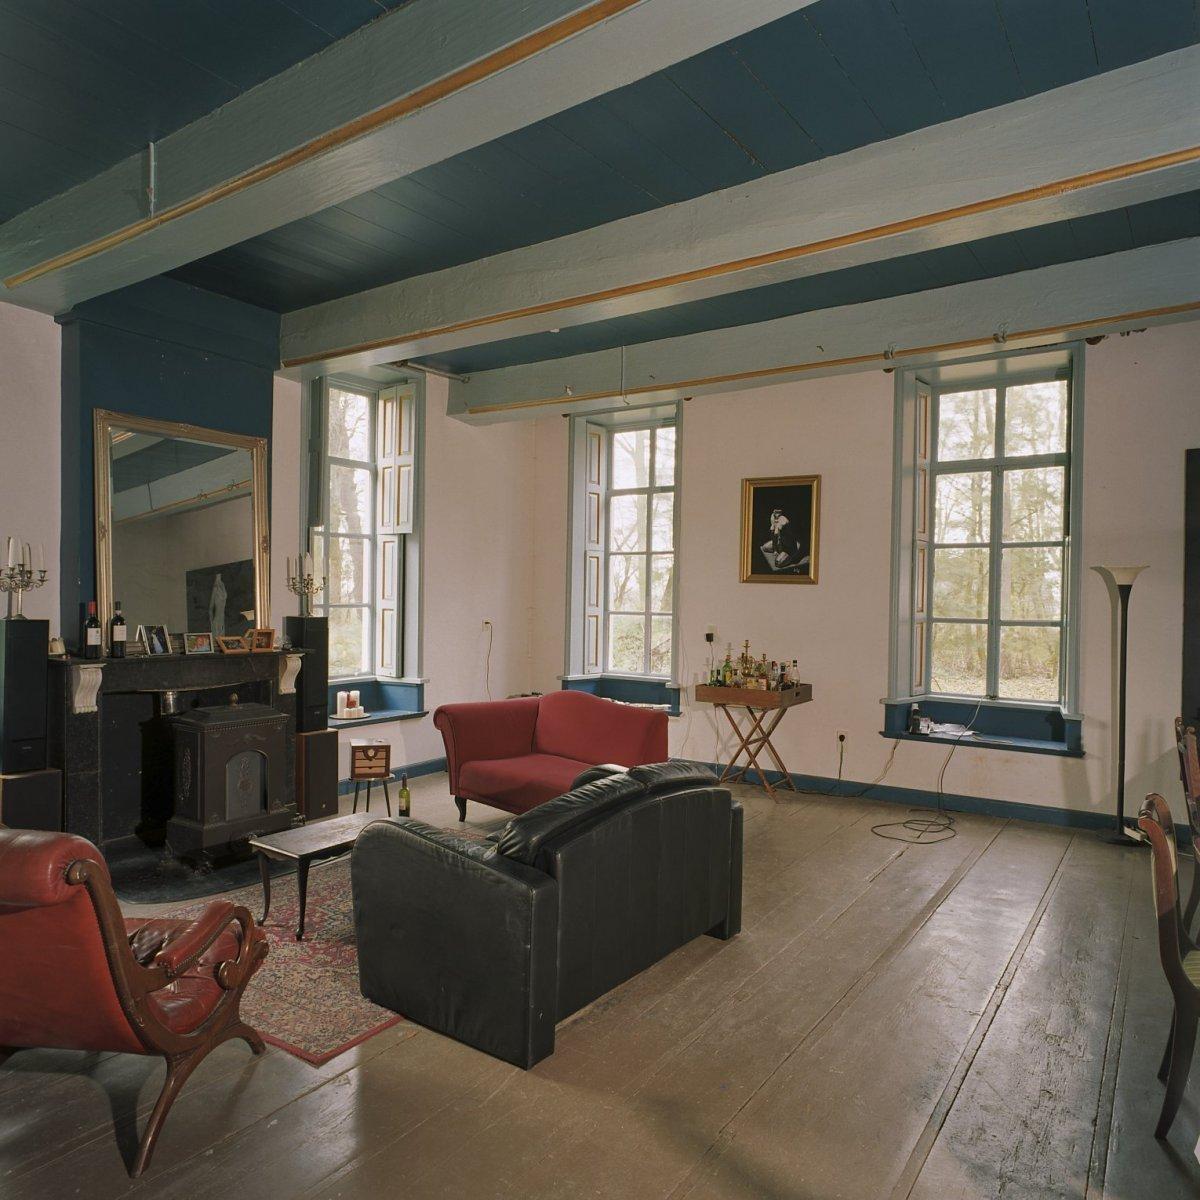 File interieur overzicht van vertrek rechts achter zgn blauwe kamer ezinge 20380733 rce - Blauwe kamer ...